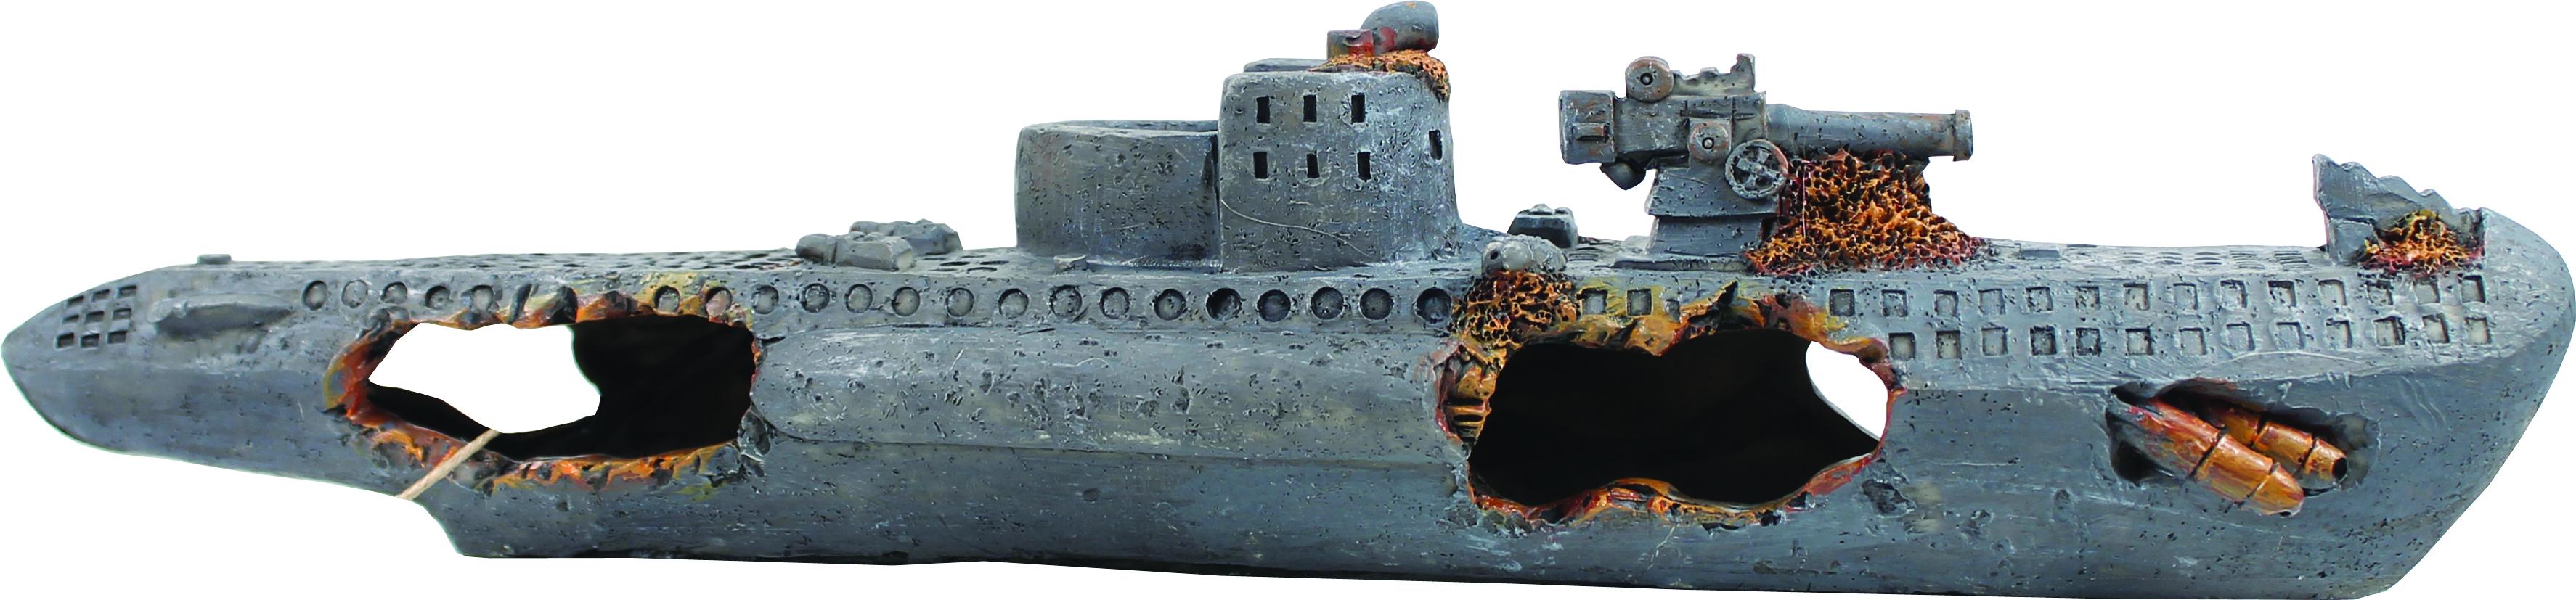 Bio Bubble Sunken U-Boat Ornament